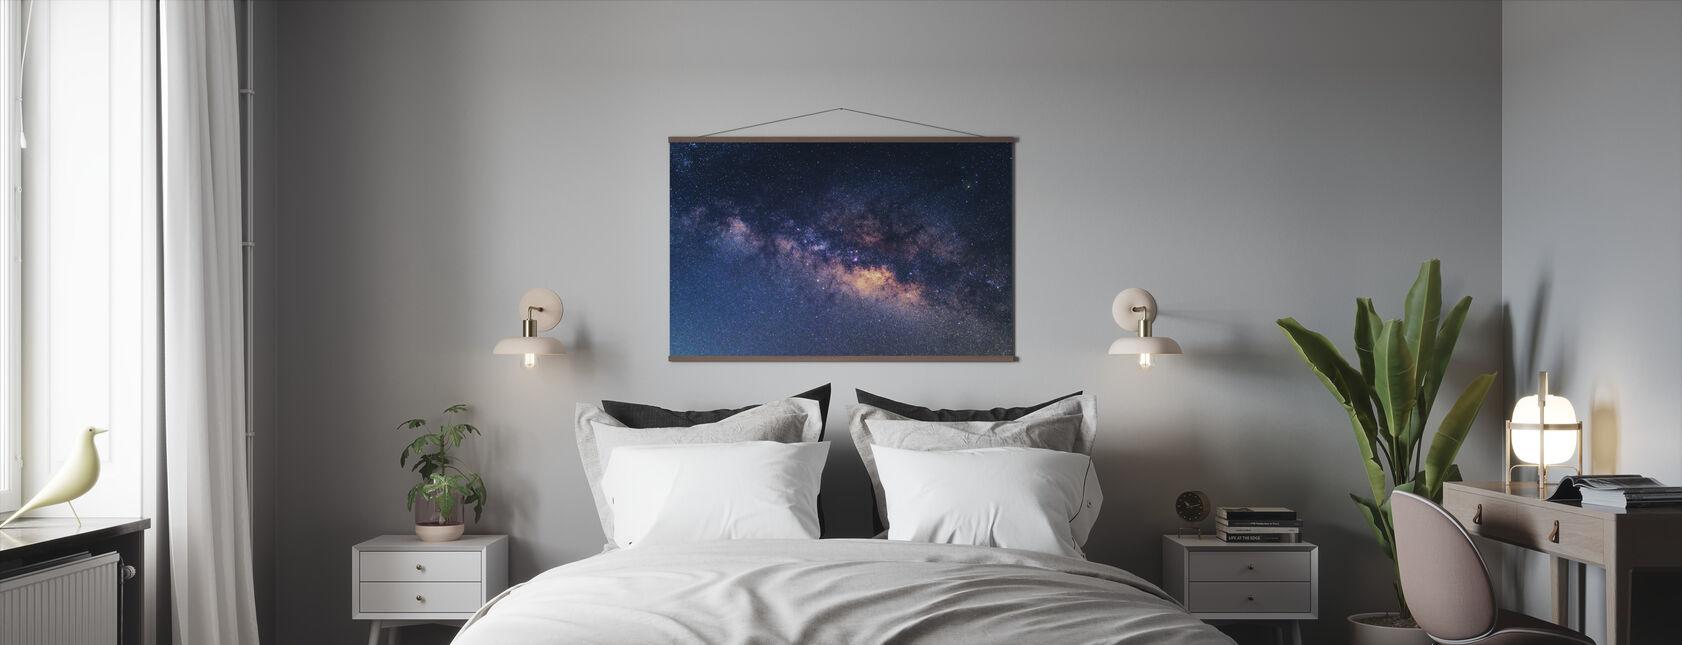 Galaksi - Juliste - Makuuhuone